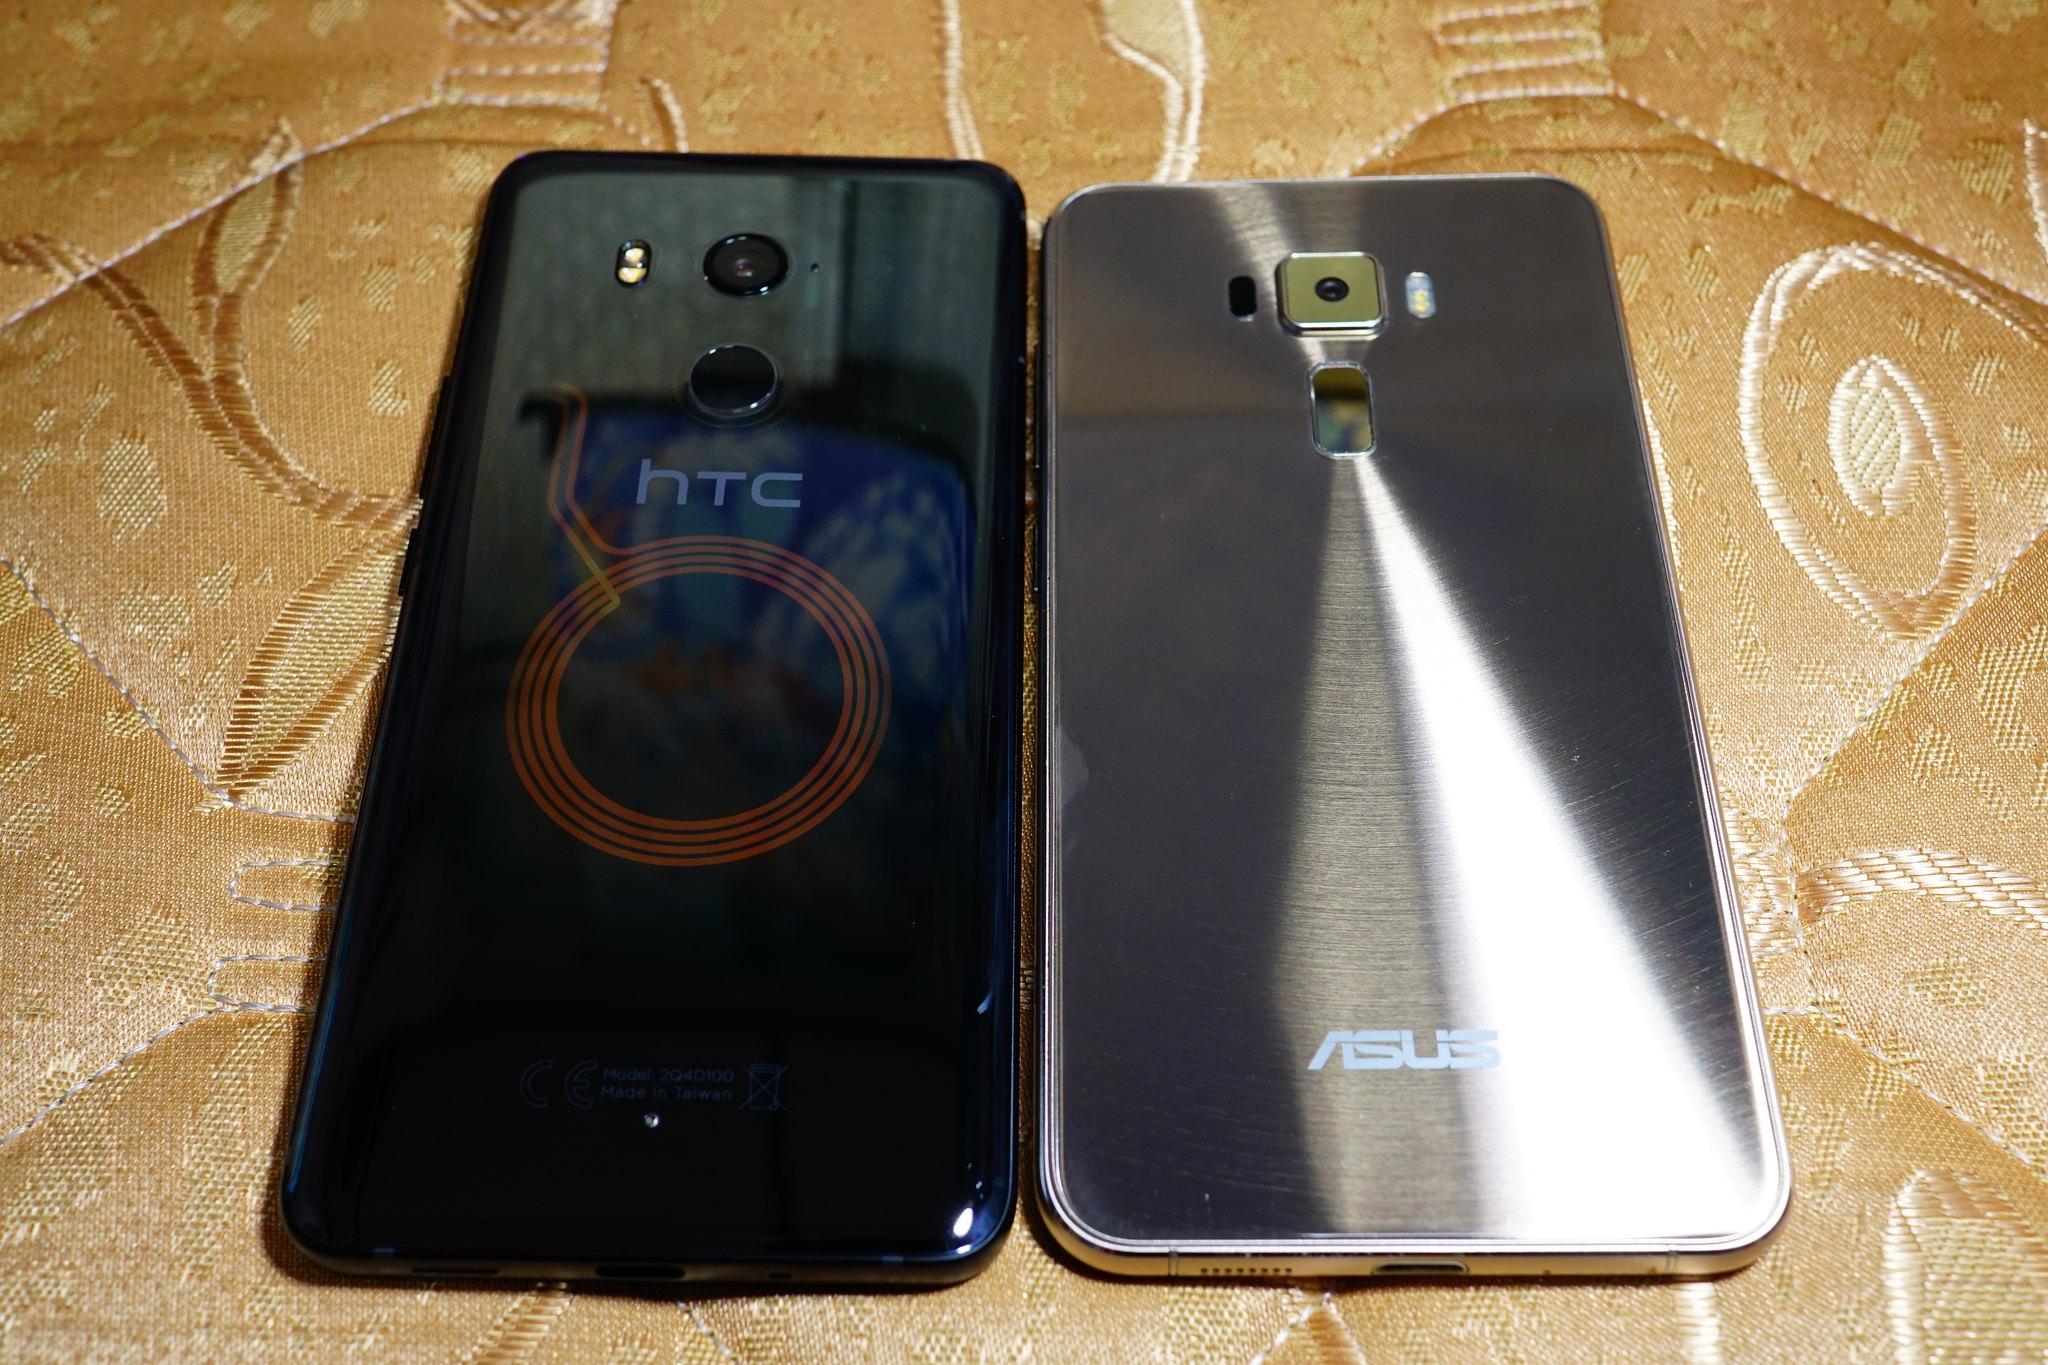 【心得】HTC U11+ 透視黑 64G版本 超簡易開箱文 @智慧型手機 哈啦板 - 巴哈姆特